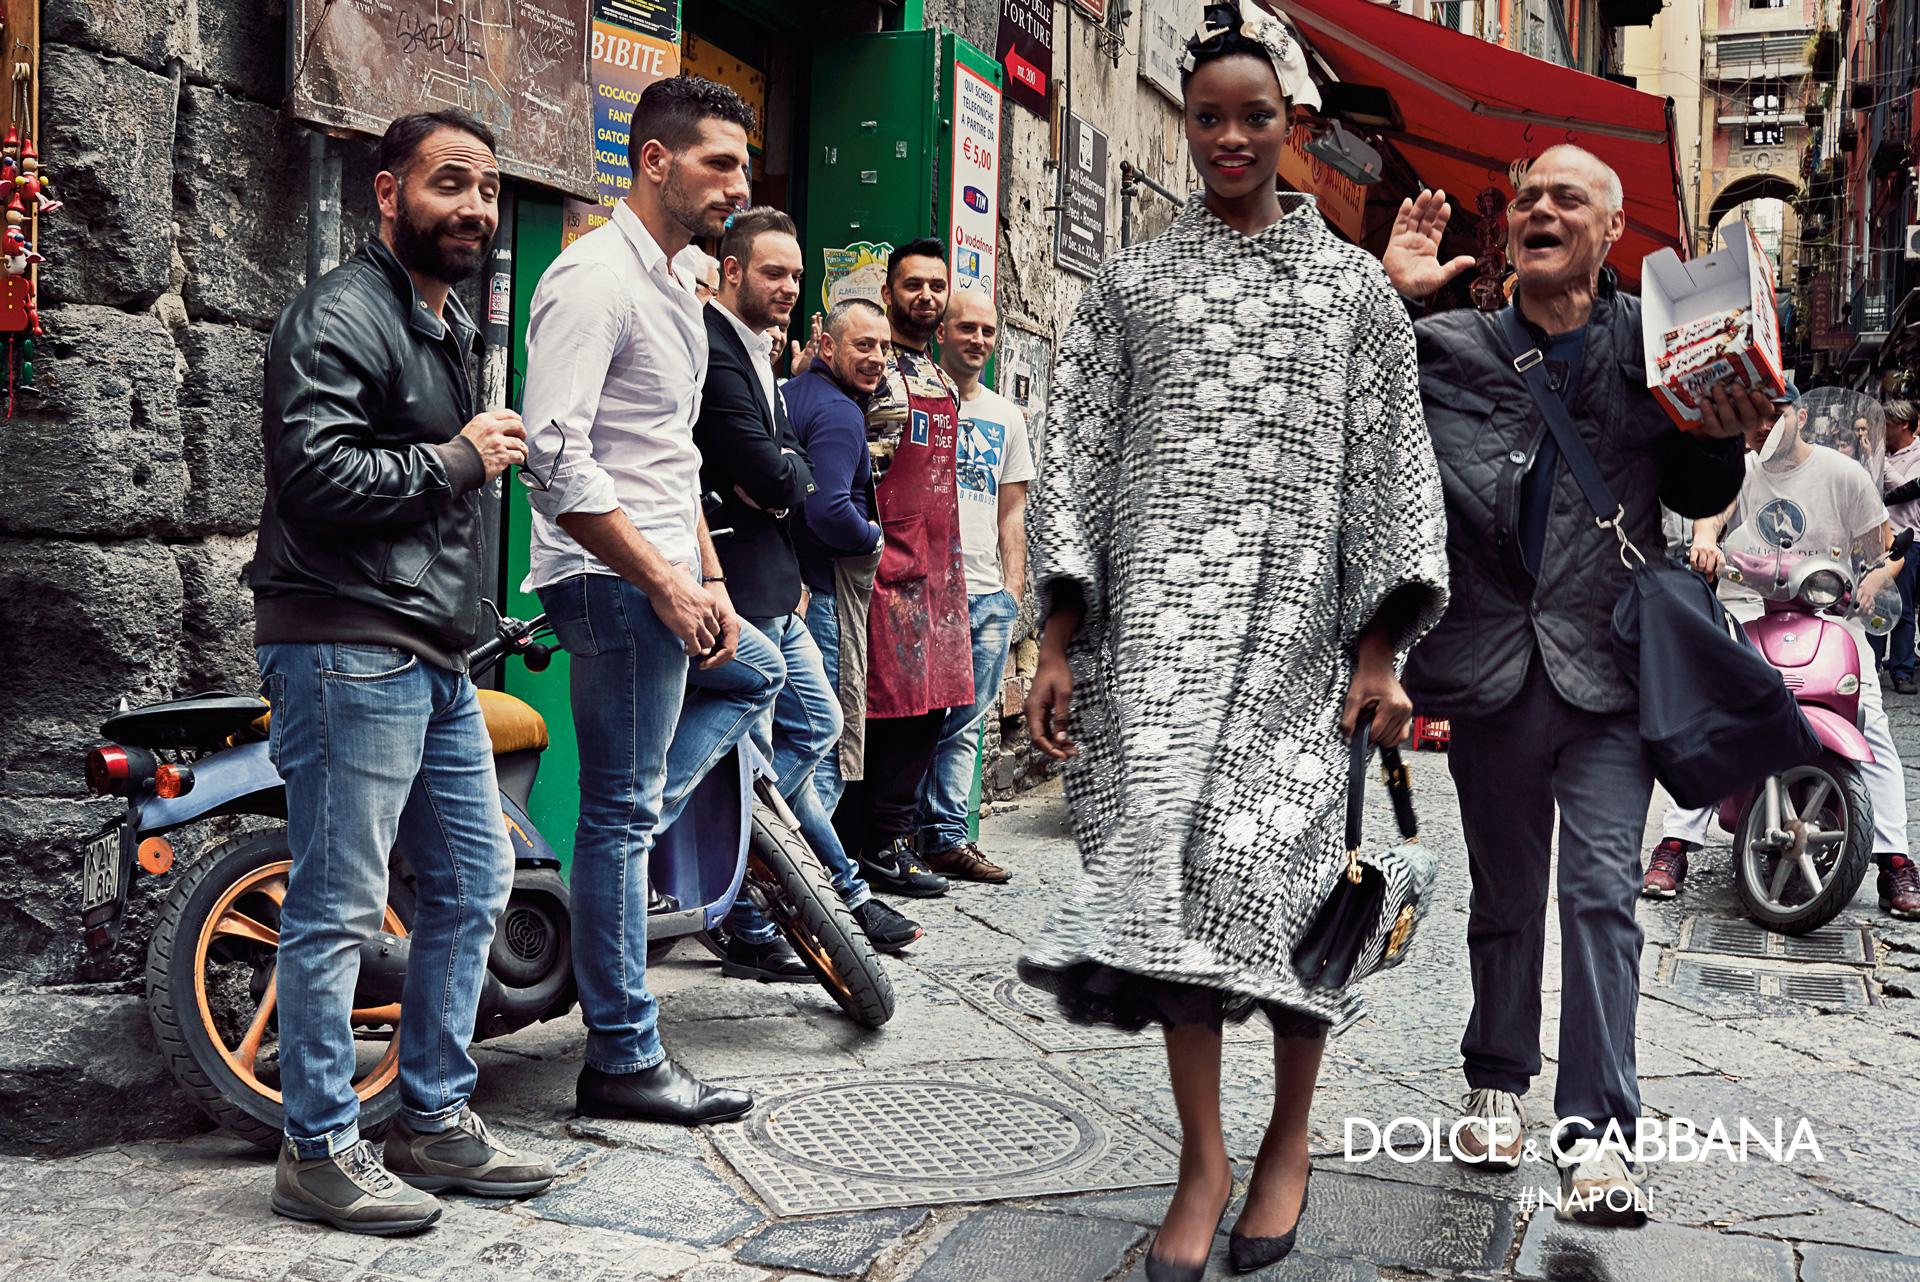 97e32e64 Dolce & Gabbana's autumn/winter 2016-17 campaign. Photograph by Franco  Pagetti.